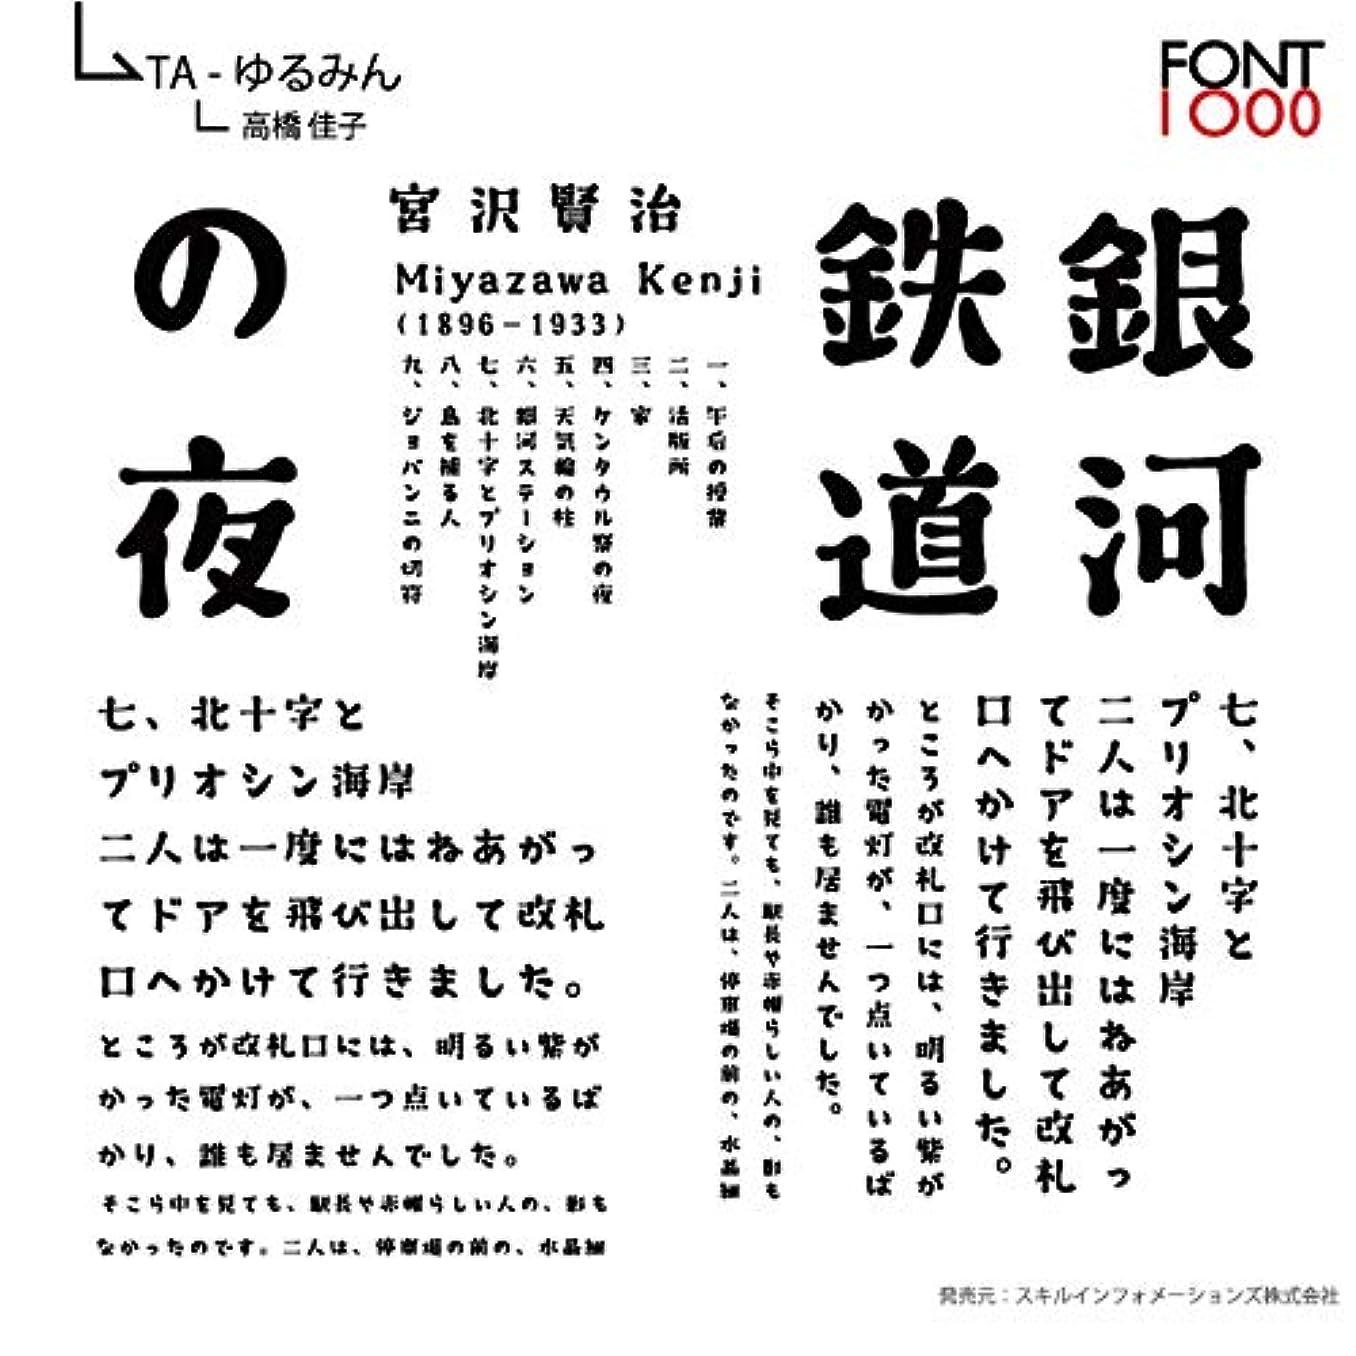 崇拝しますグリット不屈TA-ゆるみん (高橋 佳子) ダウンロード版